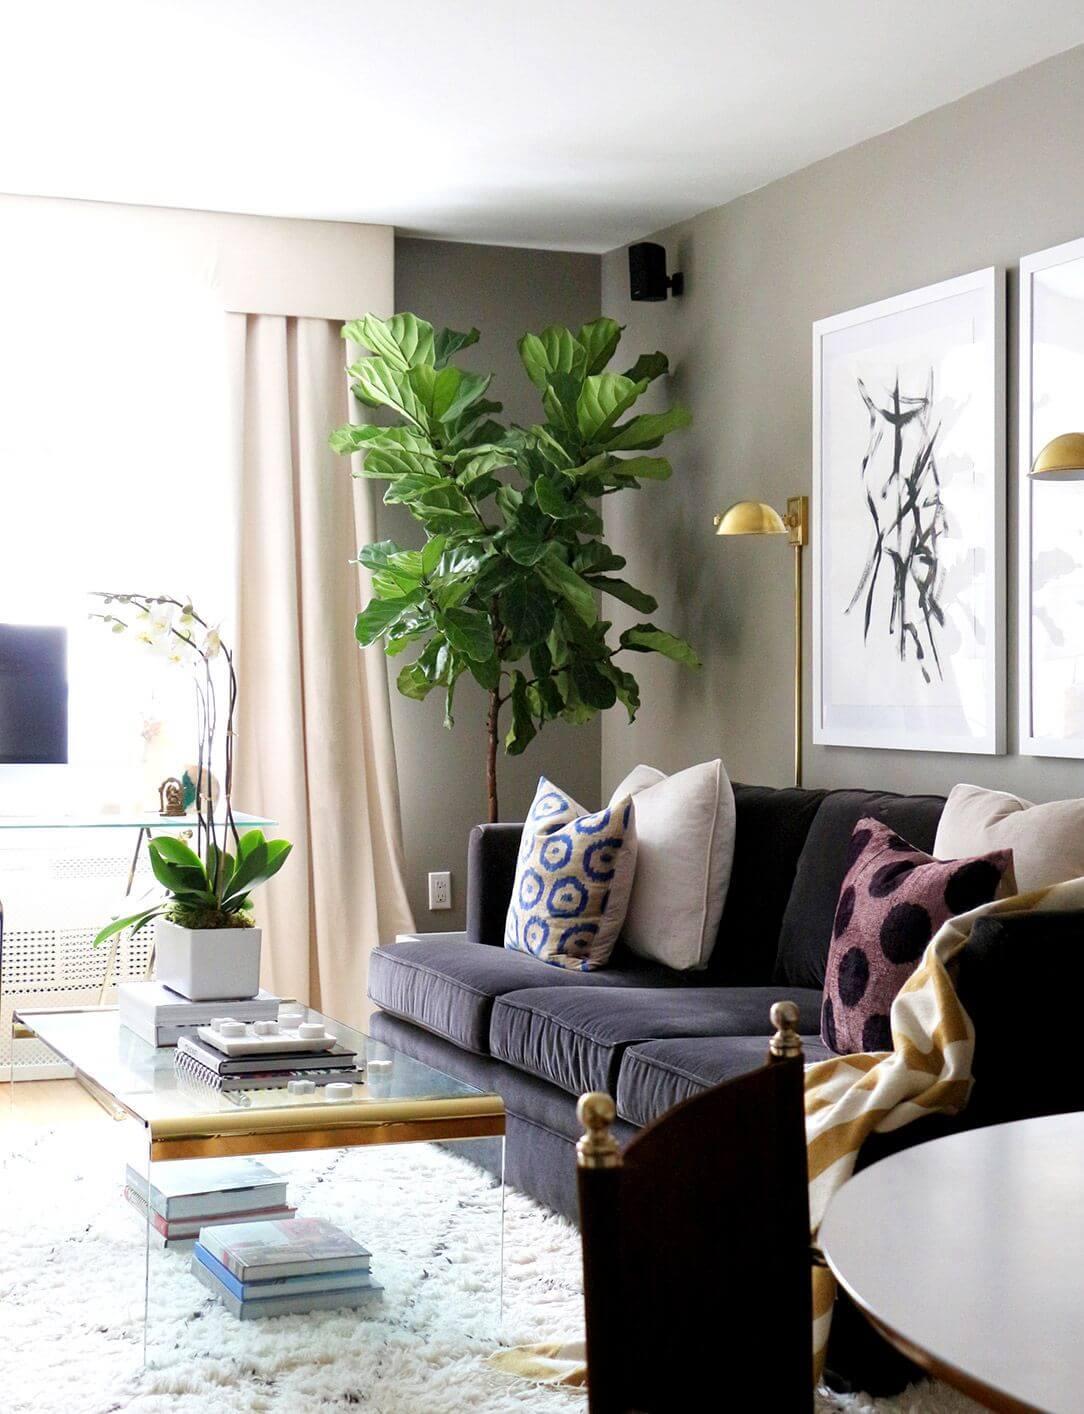 Tăng sức sống phòng khách bằng cây xanh